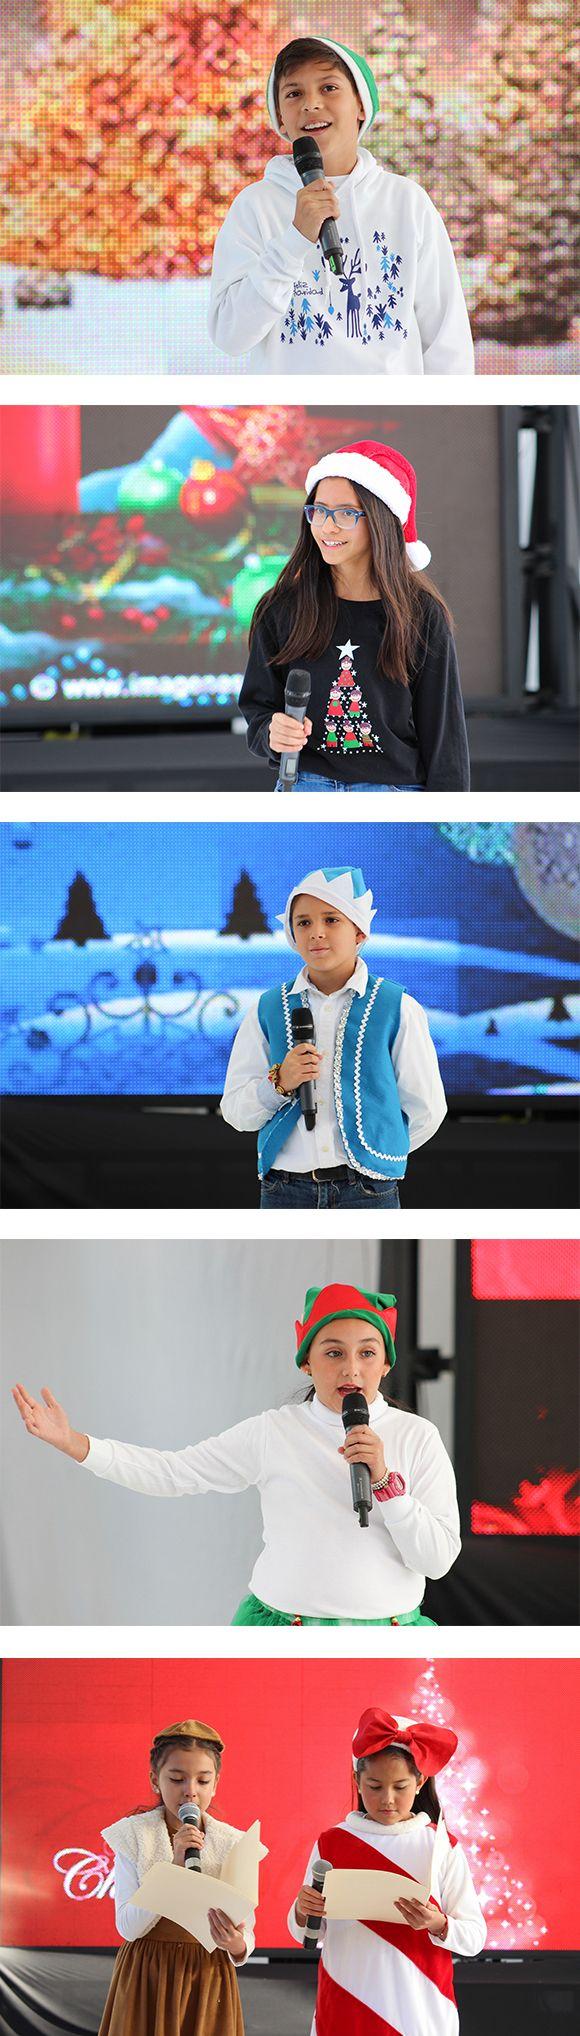 Protagonistas cuentos de navidad